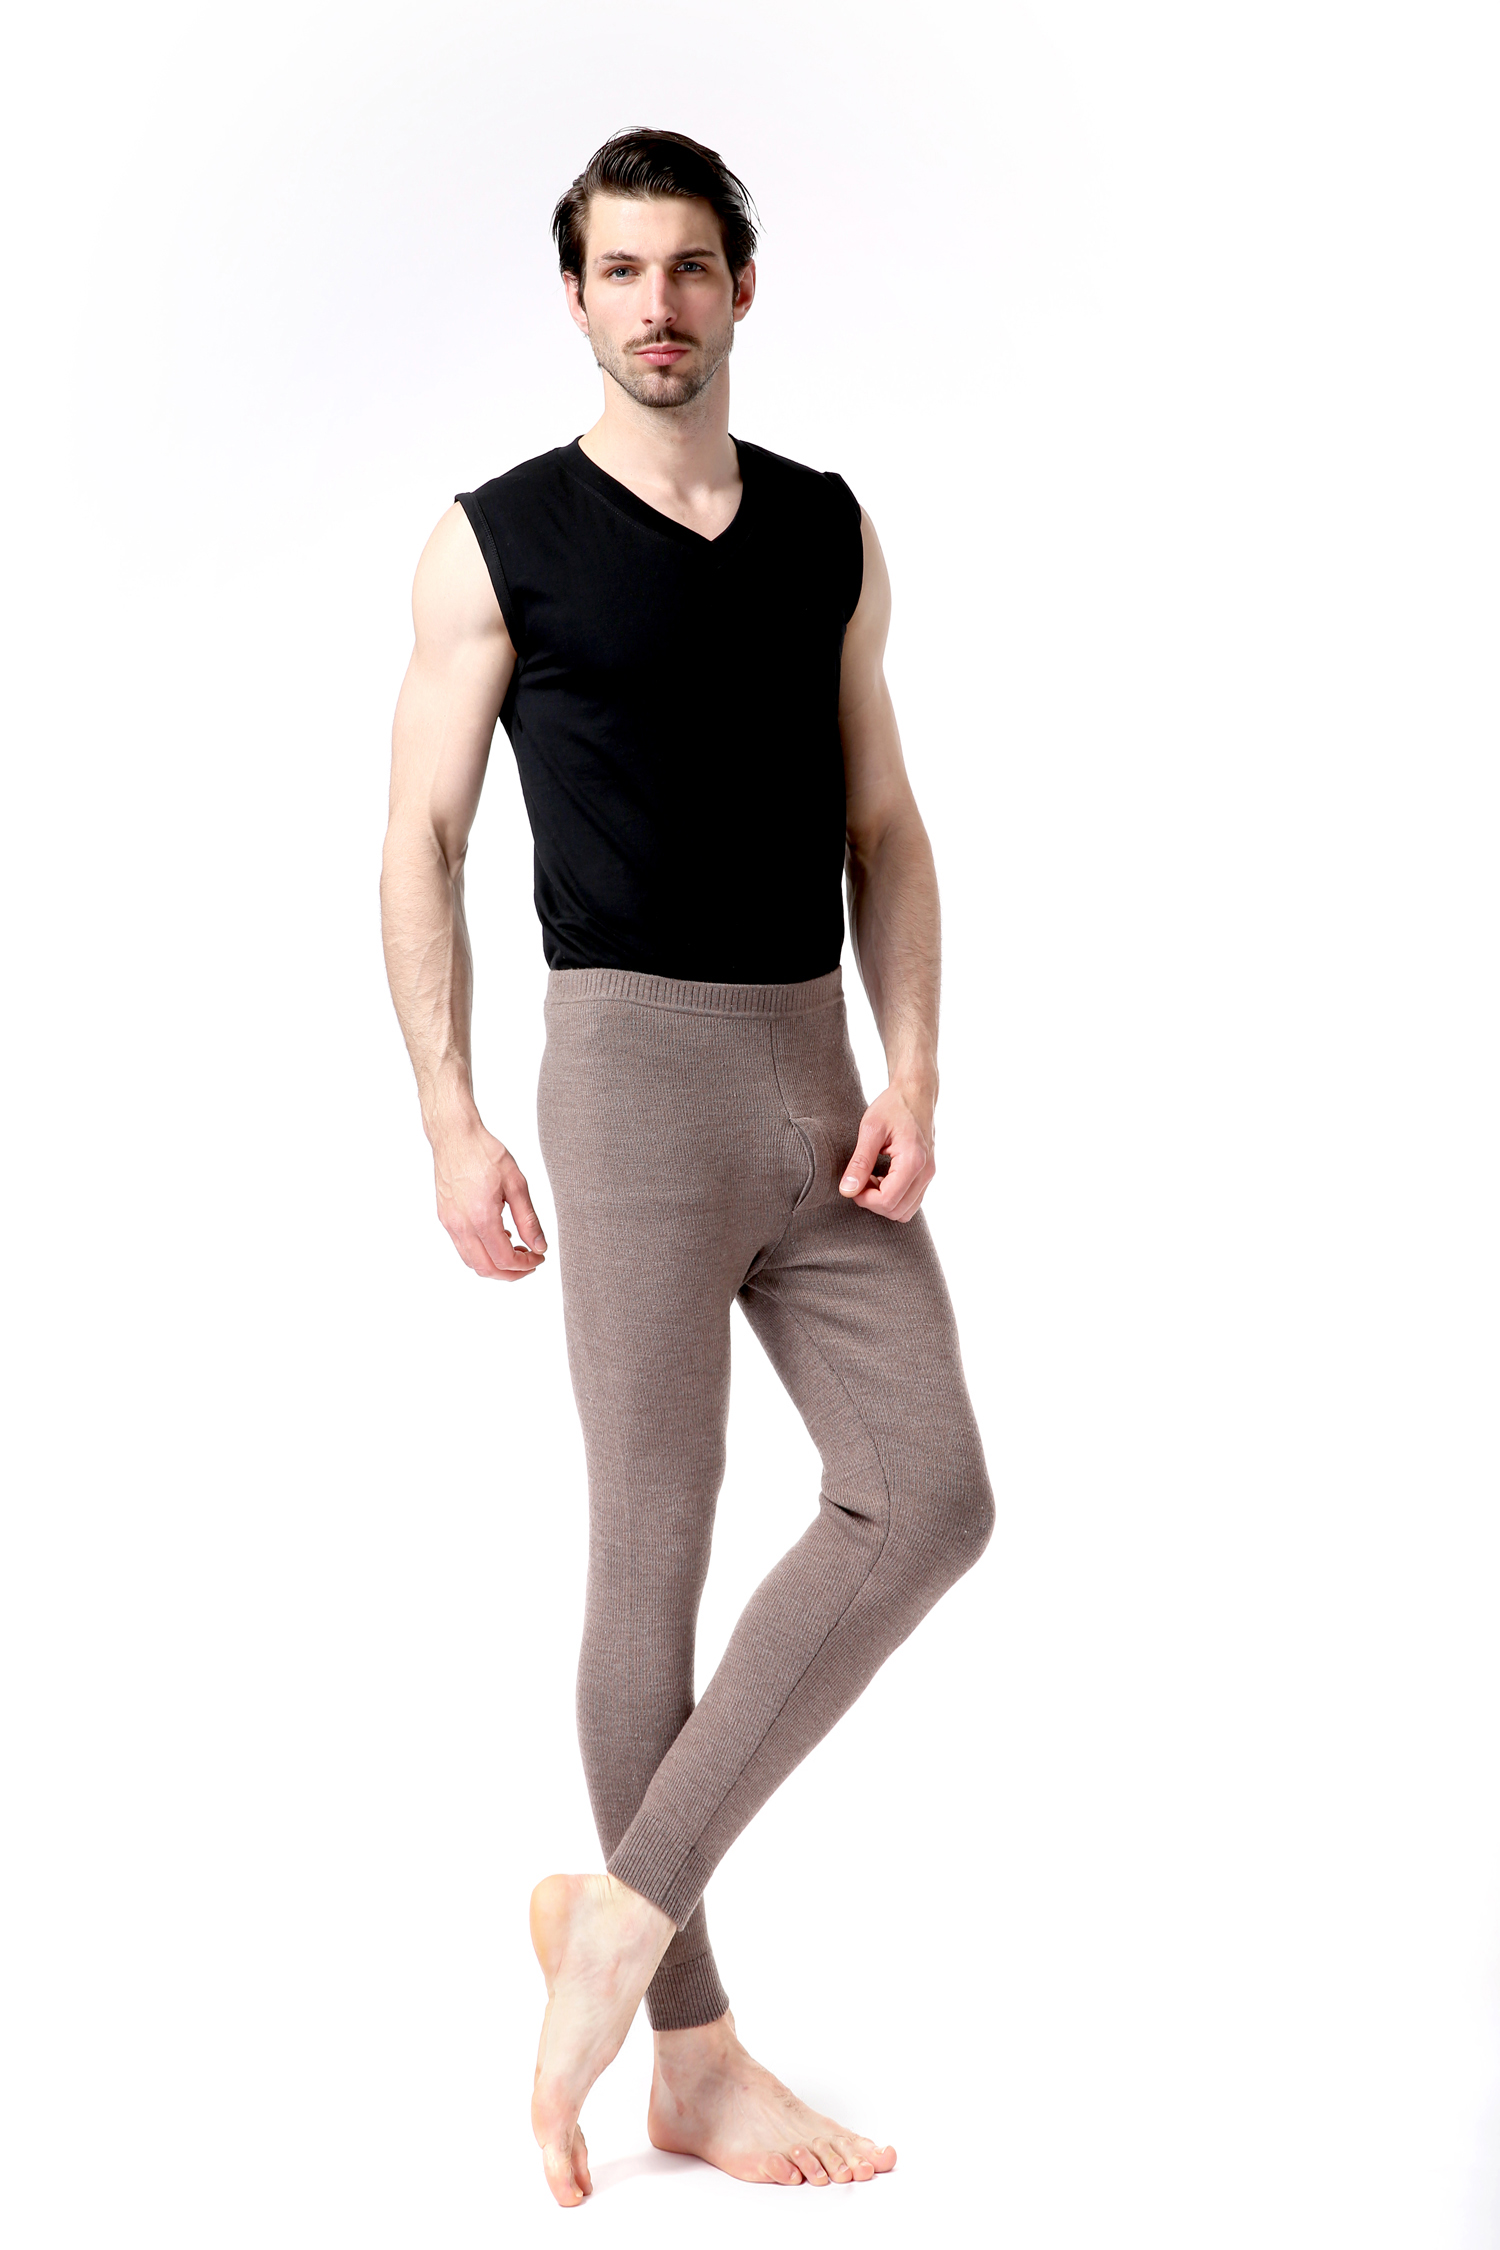 代理保暖内衣——超低价的都兰诺斯澳毛男抽条裤供应,就在中昊绒业